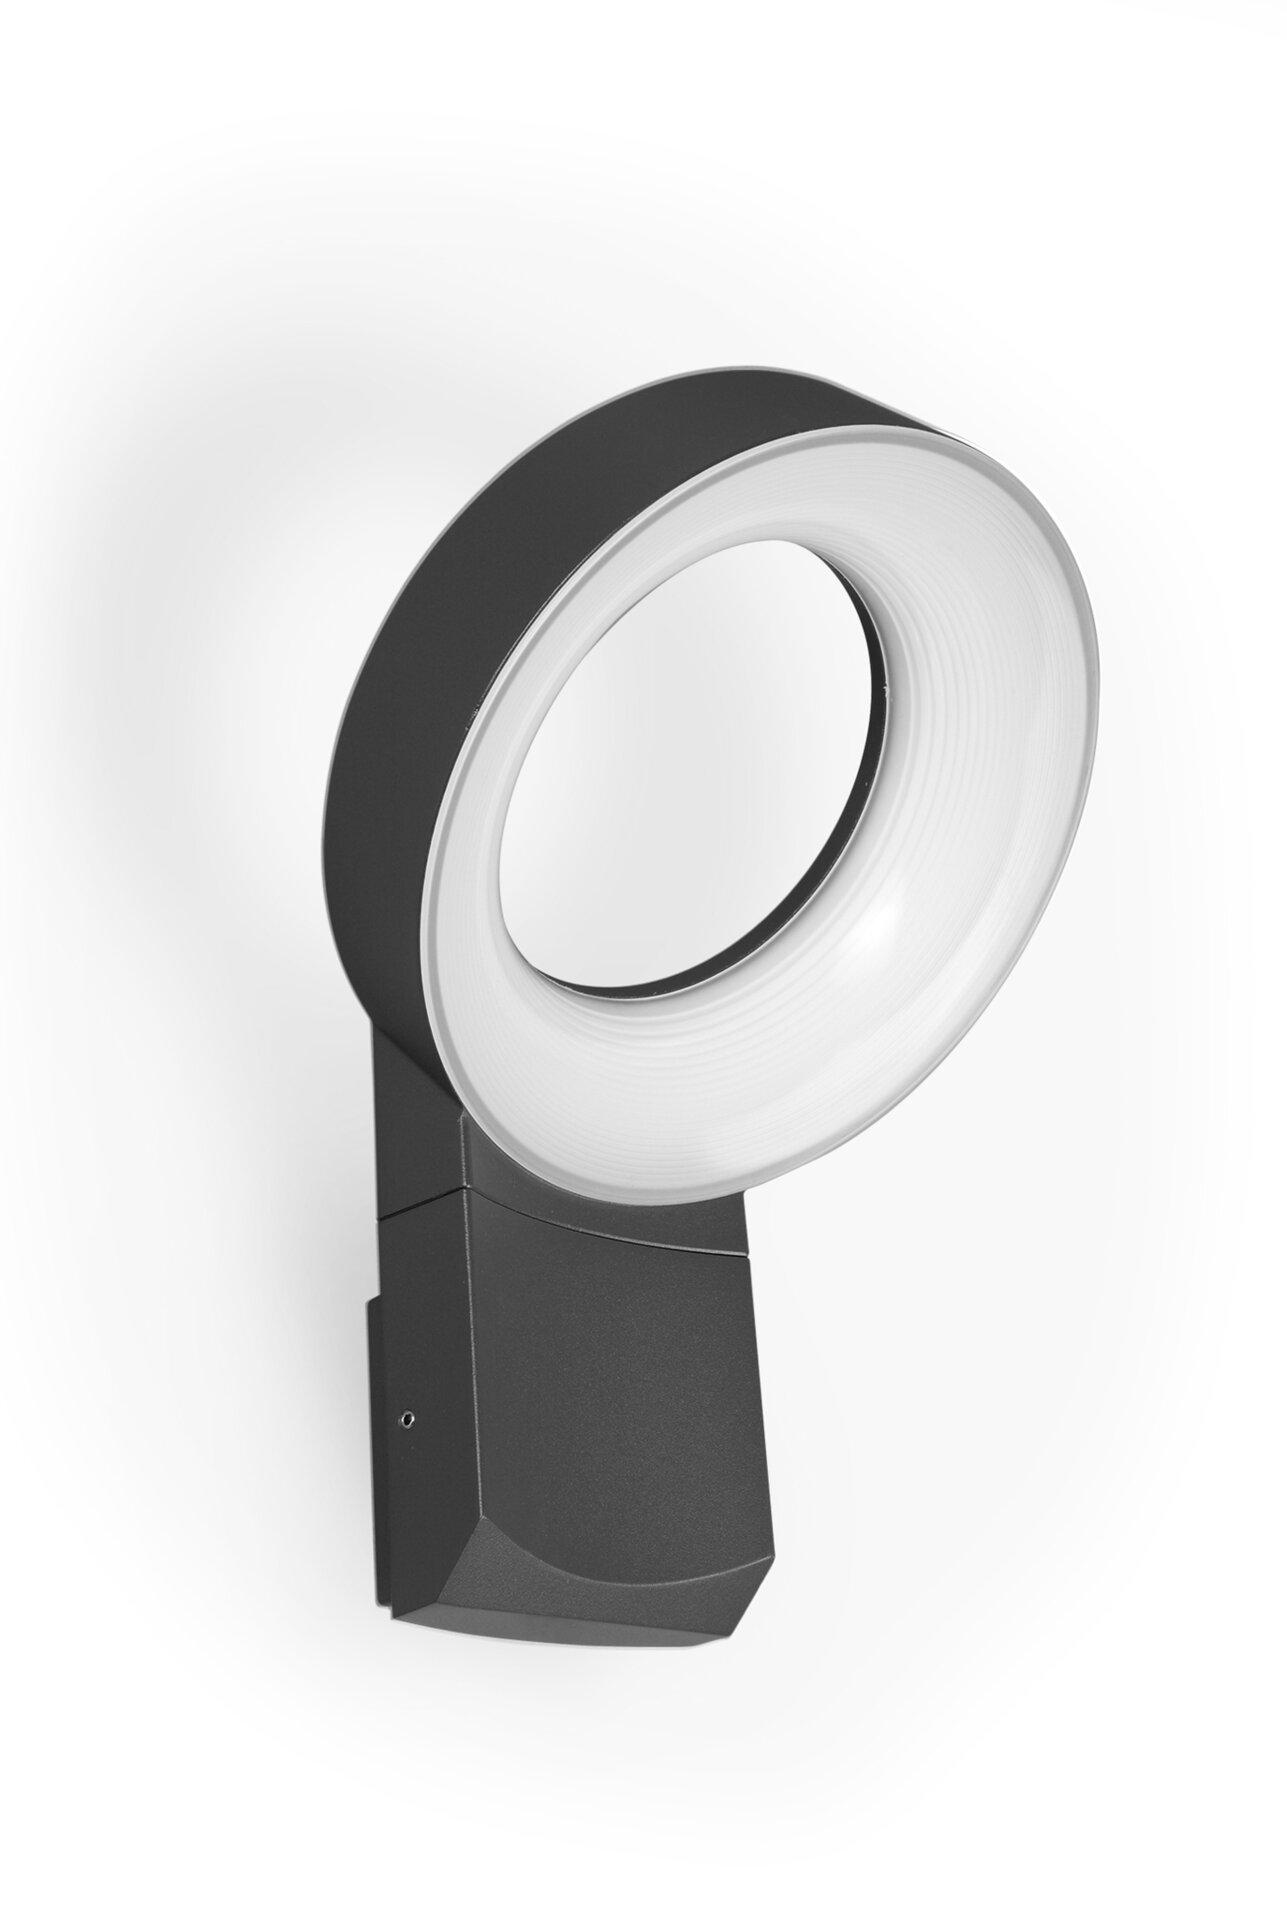 Wand-Aussenleuchte Meridian Eco-Light Metall 18 x 27 x 18 cm